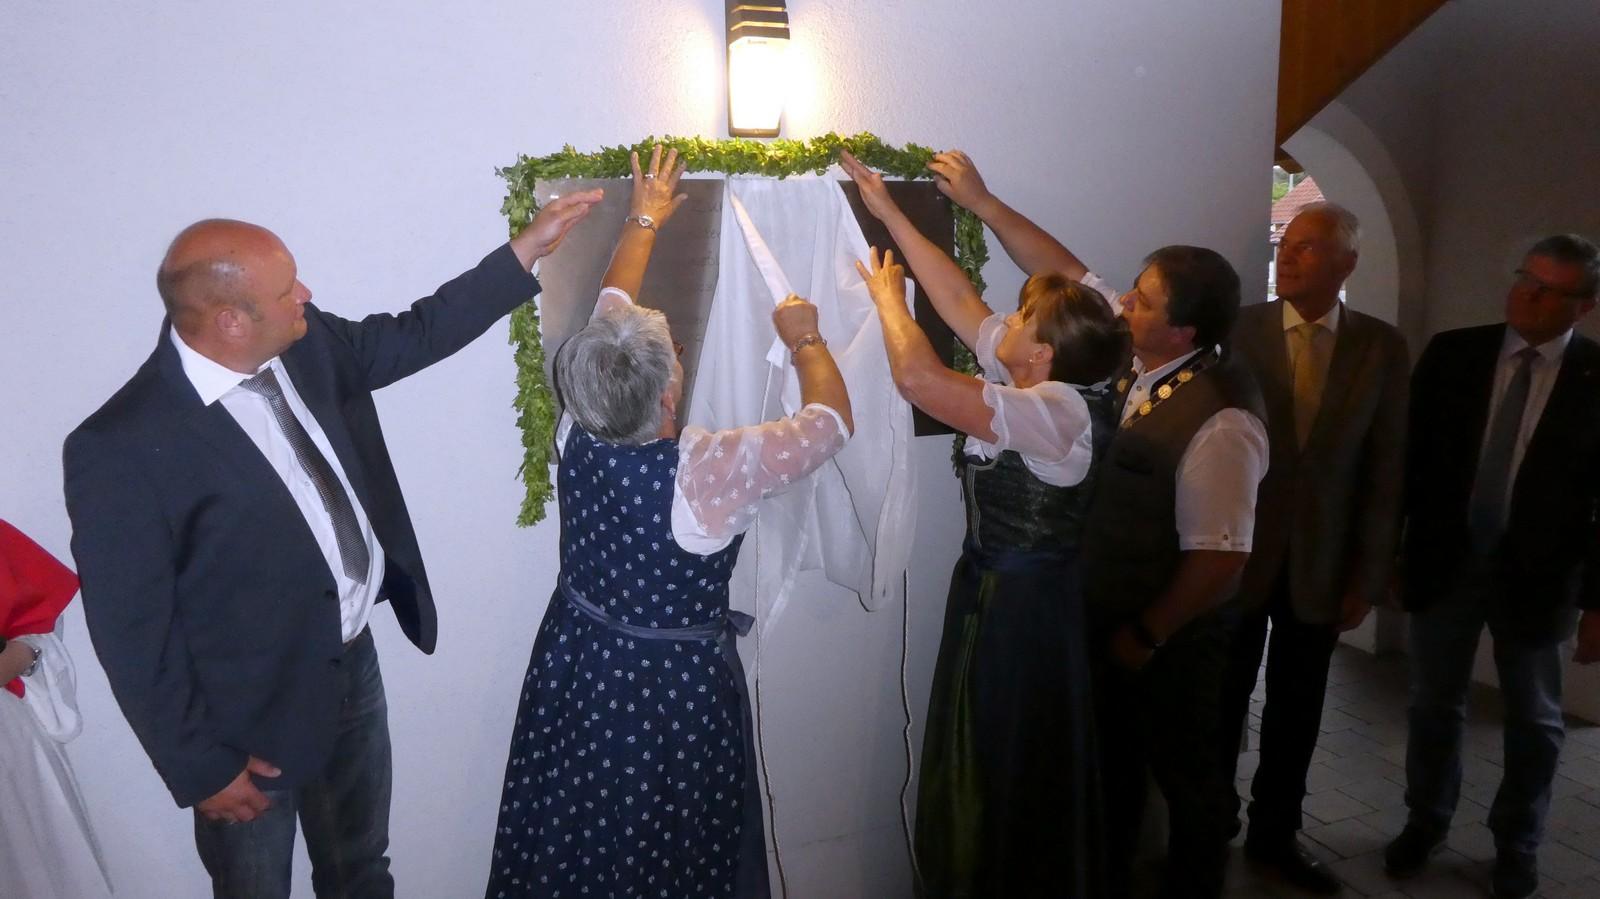 20180609-Abschluss Dorferneuerung Wölsendorf-Helferfest 14 Wilhelm Thomas P1000996